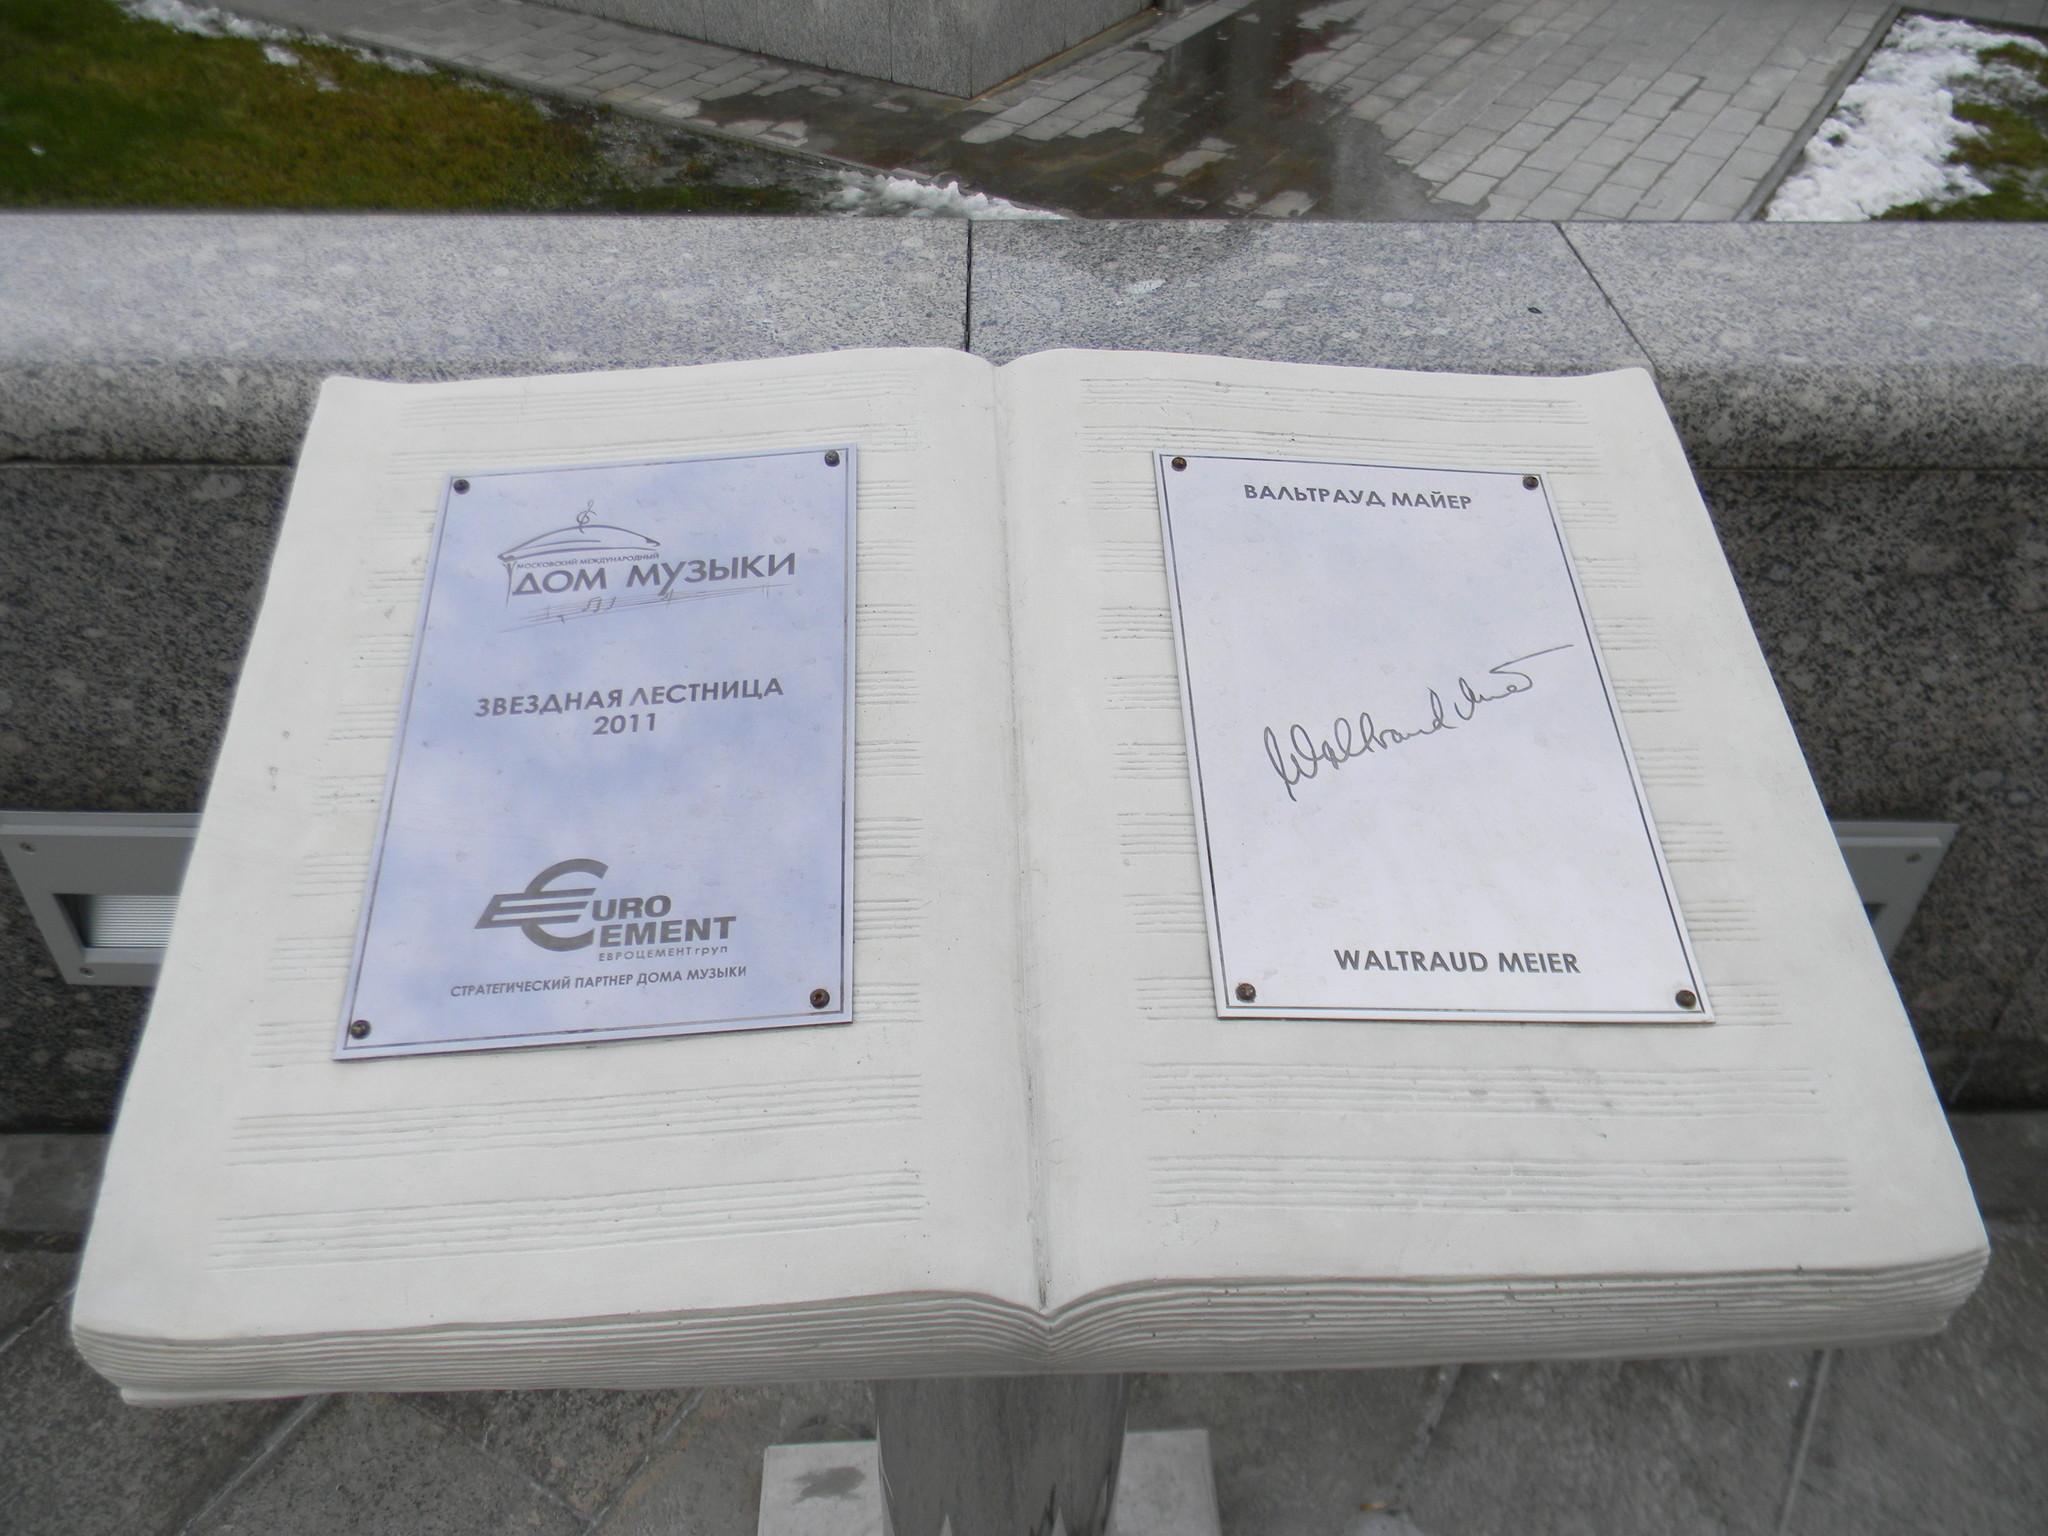 Звёздный автограф певицы Вальтрауд Майер у главной лестницы, ведущей в Светлановский зал Дома музыки